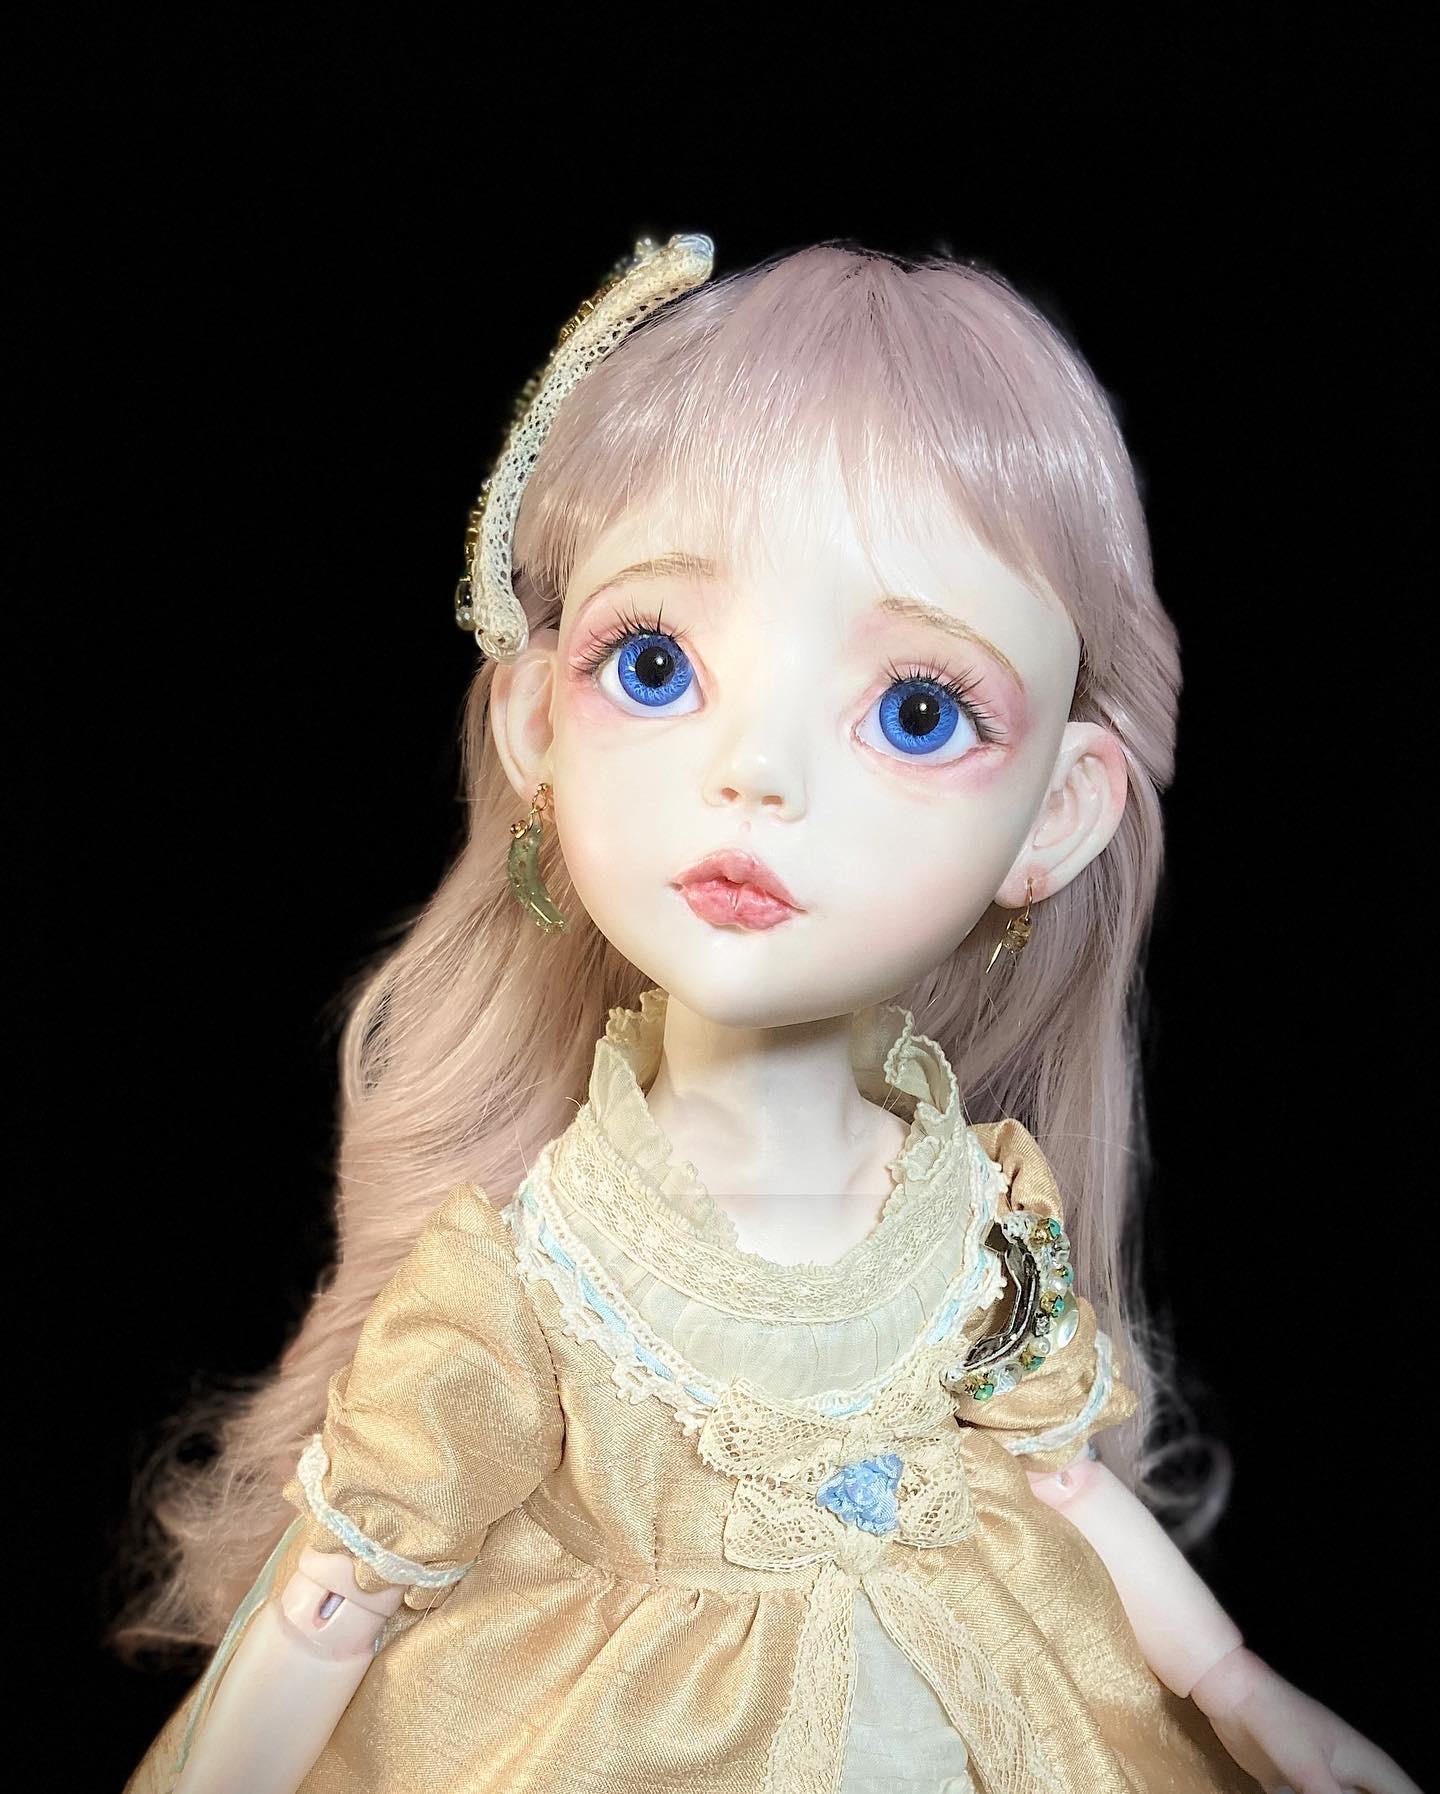 月姫ちゃんのアクセサリーとコート制作♪_b0162357_09532959.jpeg